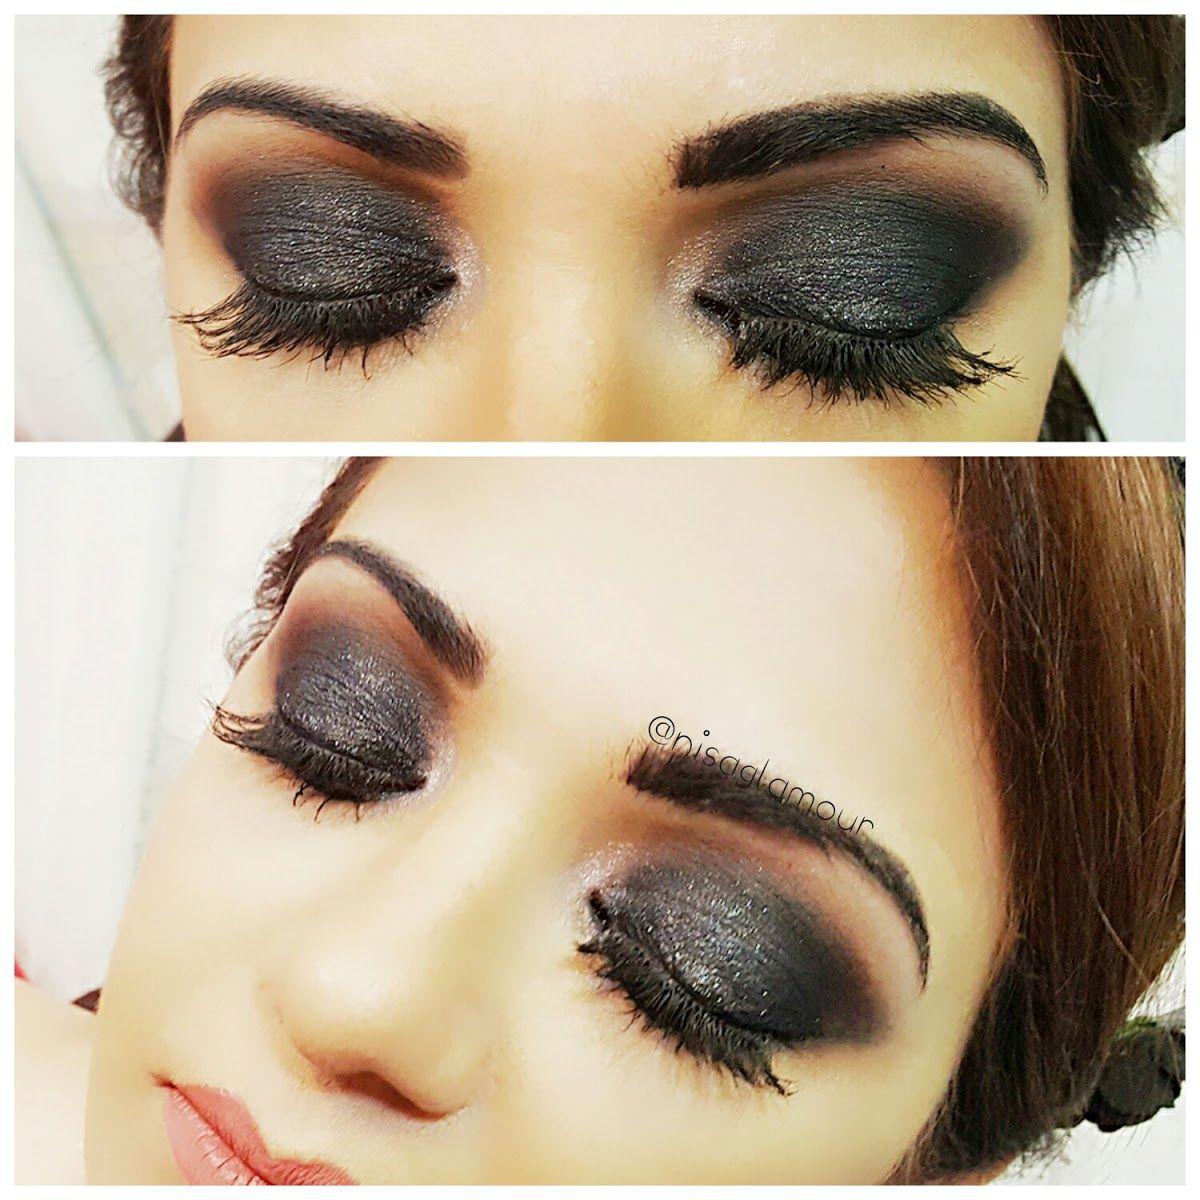 Smokey Eyesblake Smokey Eyeseye Makeupmakeup Lookbridal Makeup